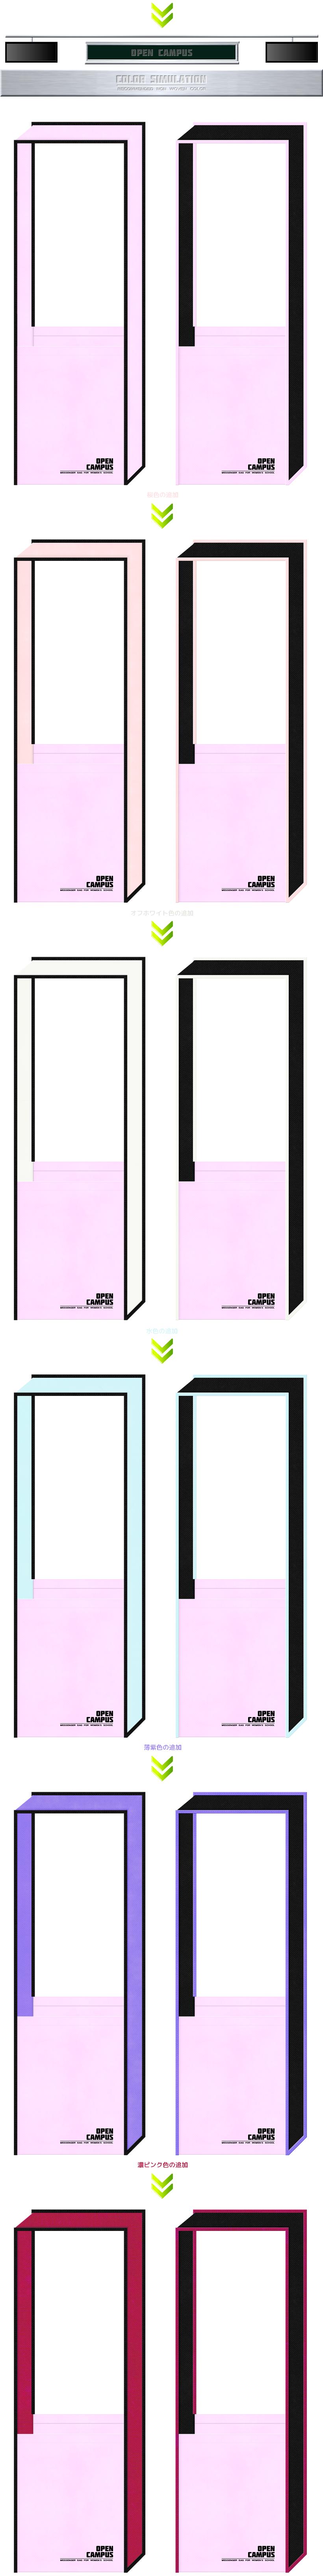 パステルピンク色と黒色メインの不織布バッグのカラーシミュレーション:女子学校・オープンキャンパス用のバッグ